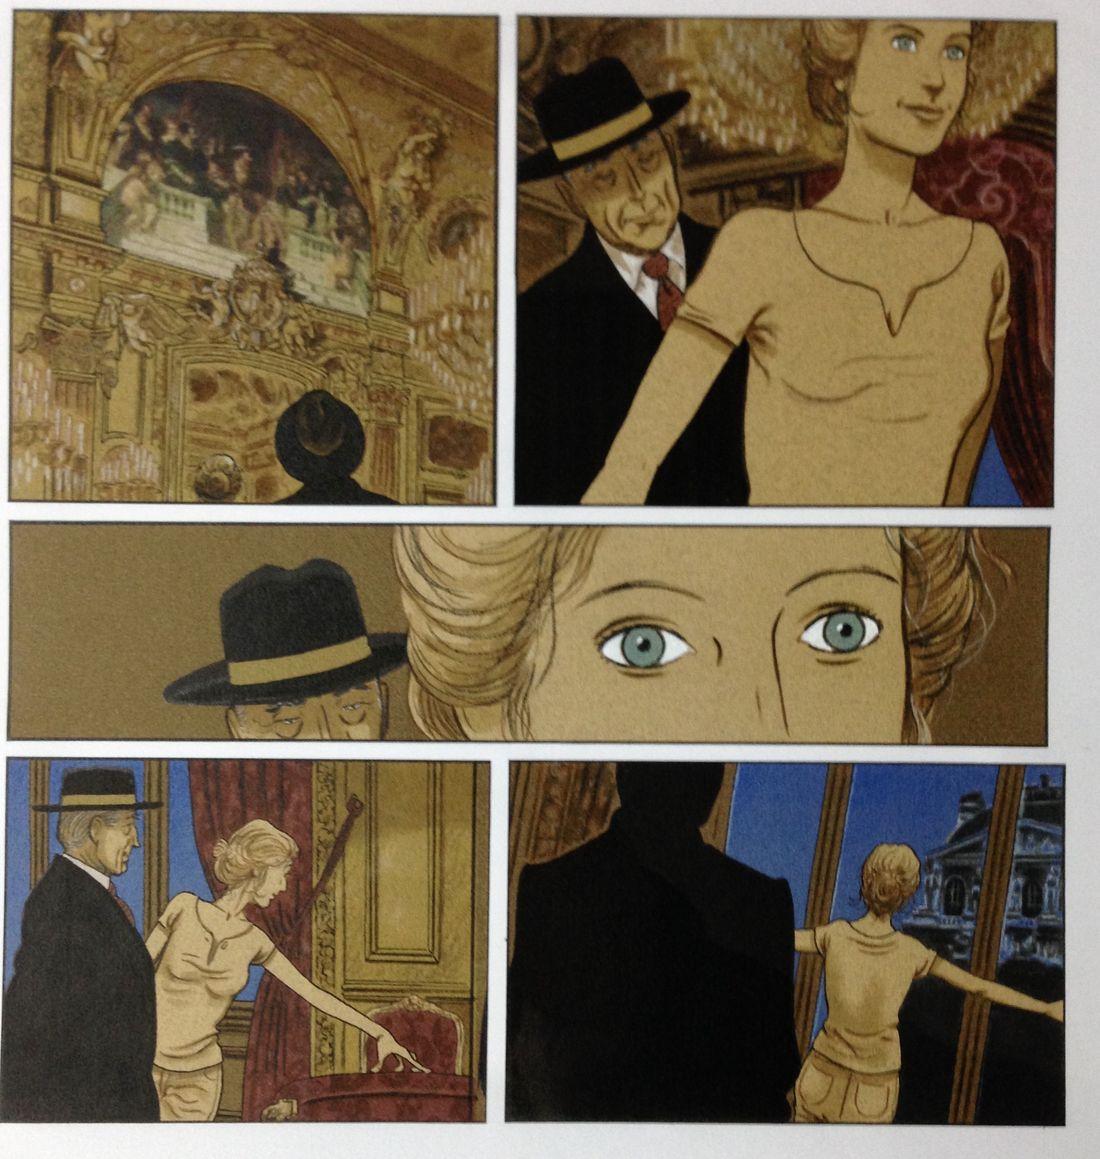 30 ans d'édition, par Sébastien Gnaedig, Chapitre 30 : La Collection du Louvre. Les enchantements de Durieux